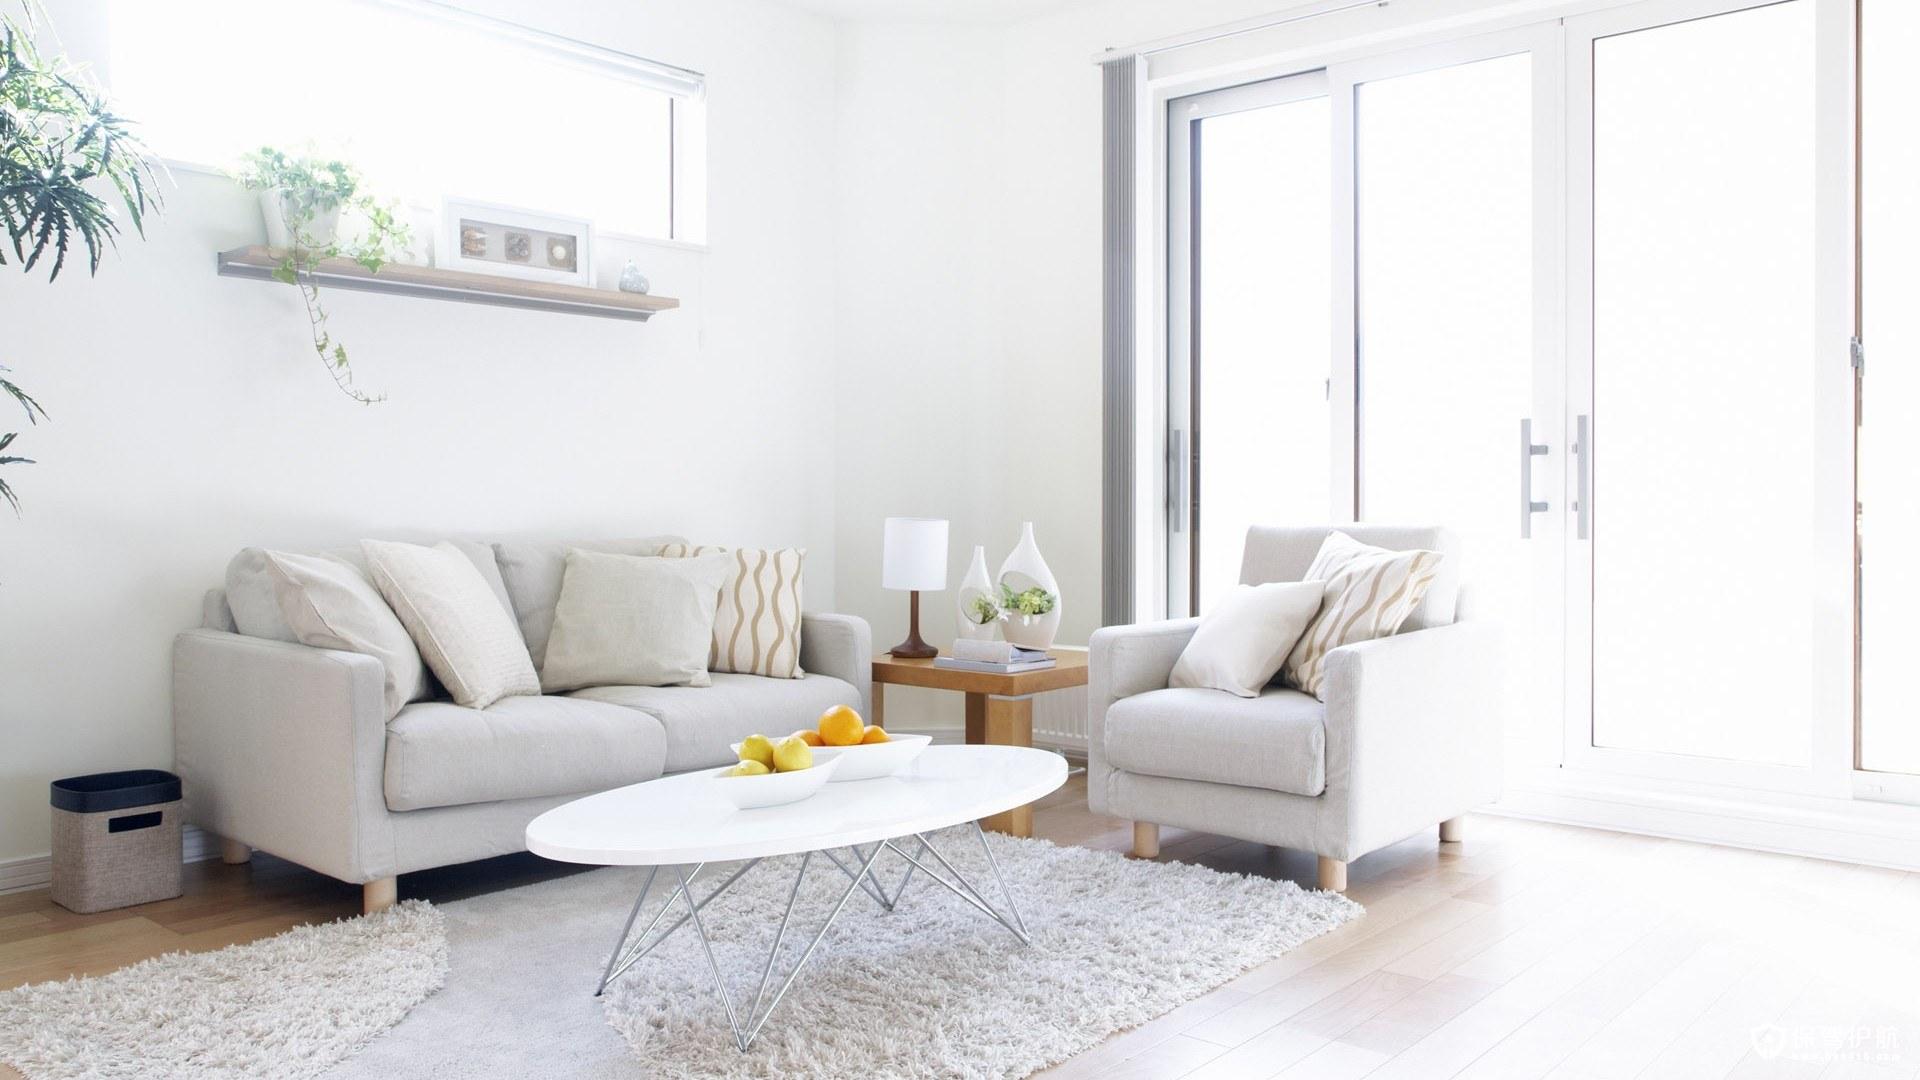 客厅的风水六宜七忌,客厅冰箱、沙发、装饰画应如何摆放?